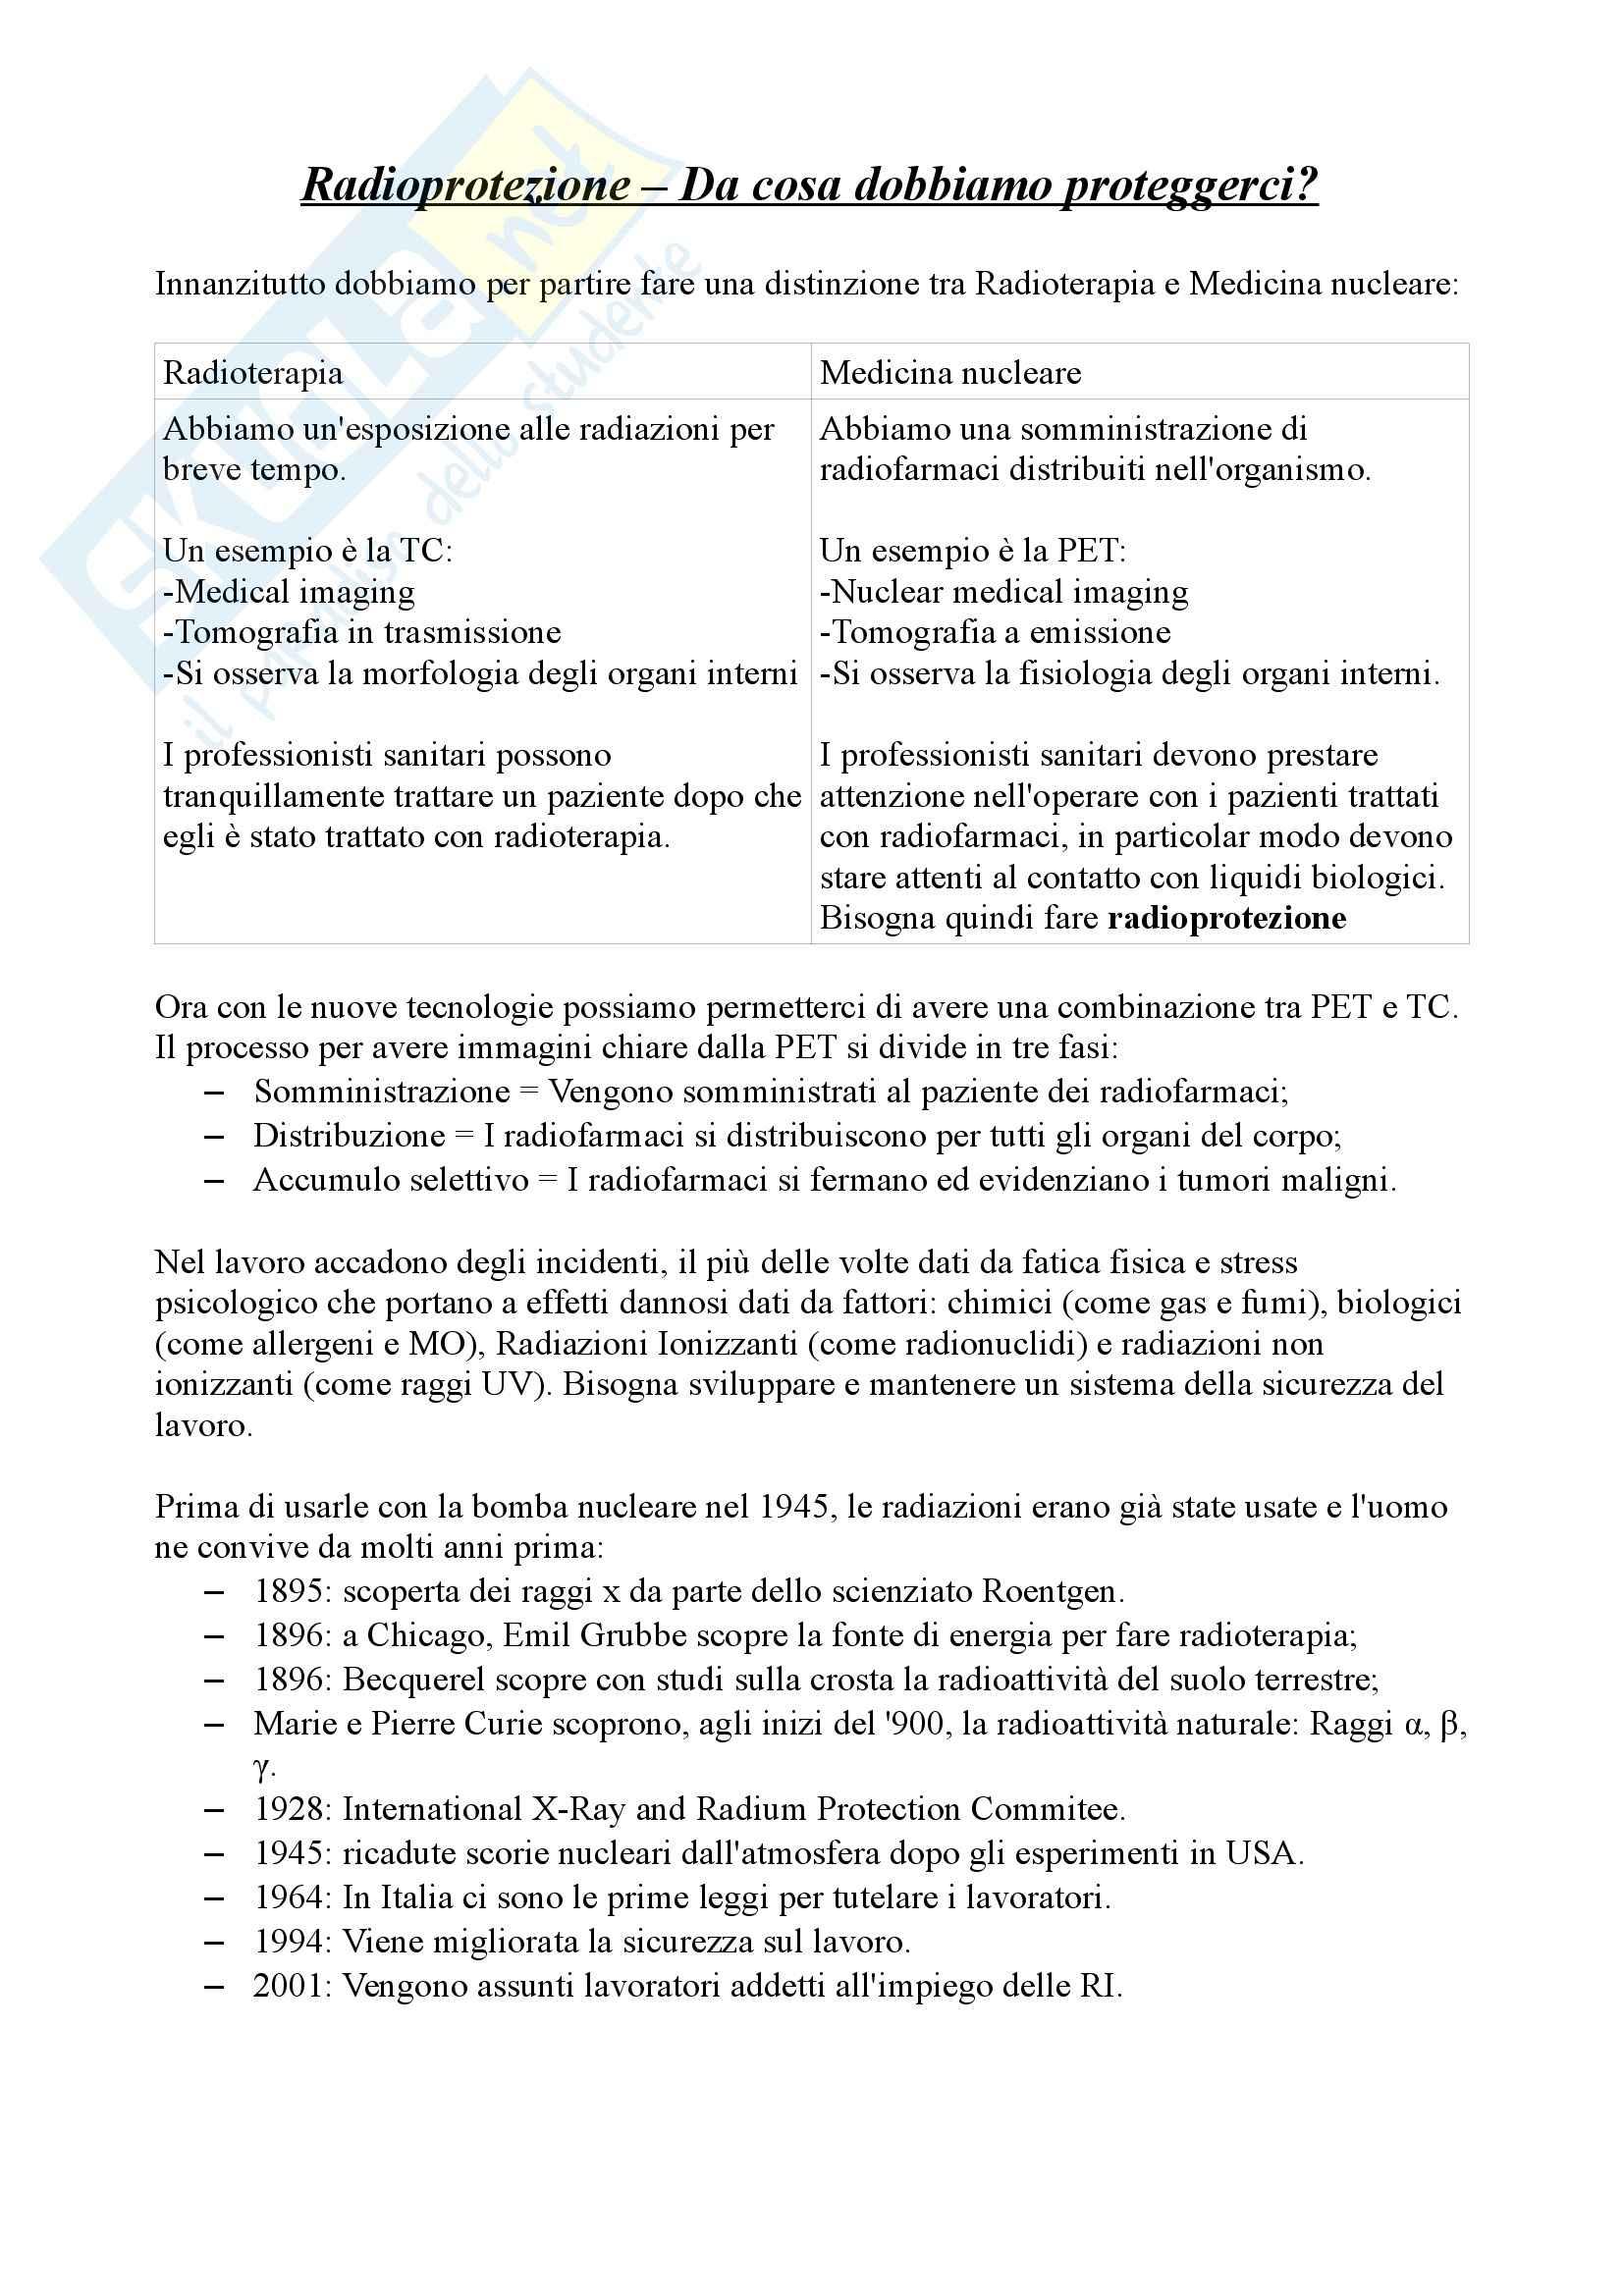 Radioprotezione - Appunti